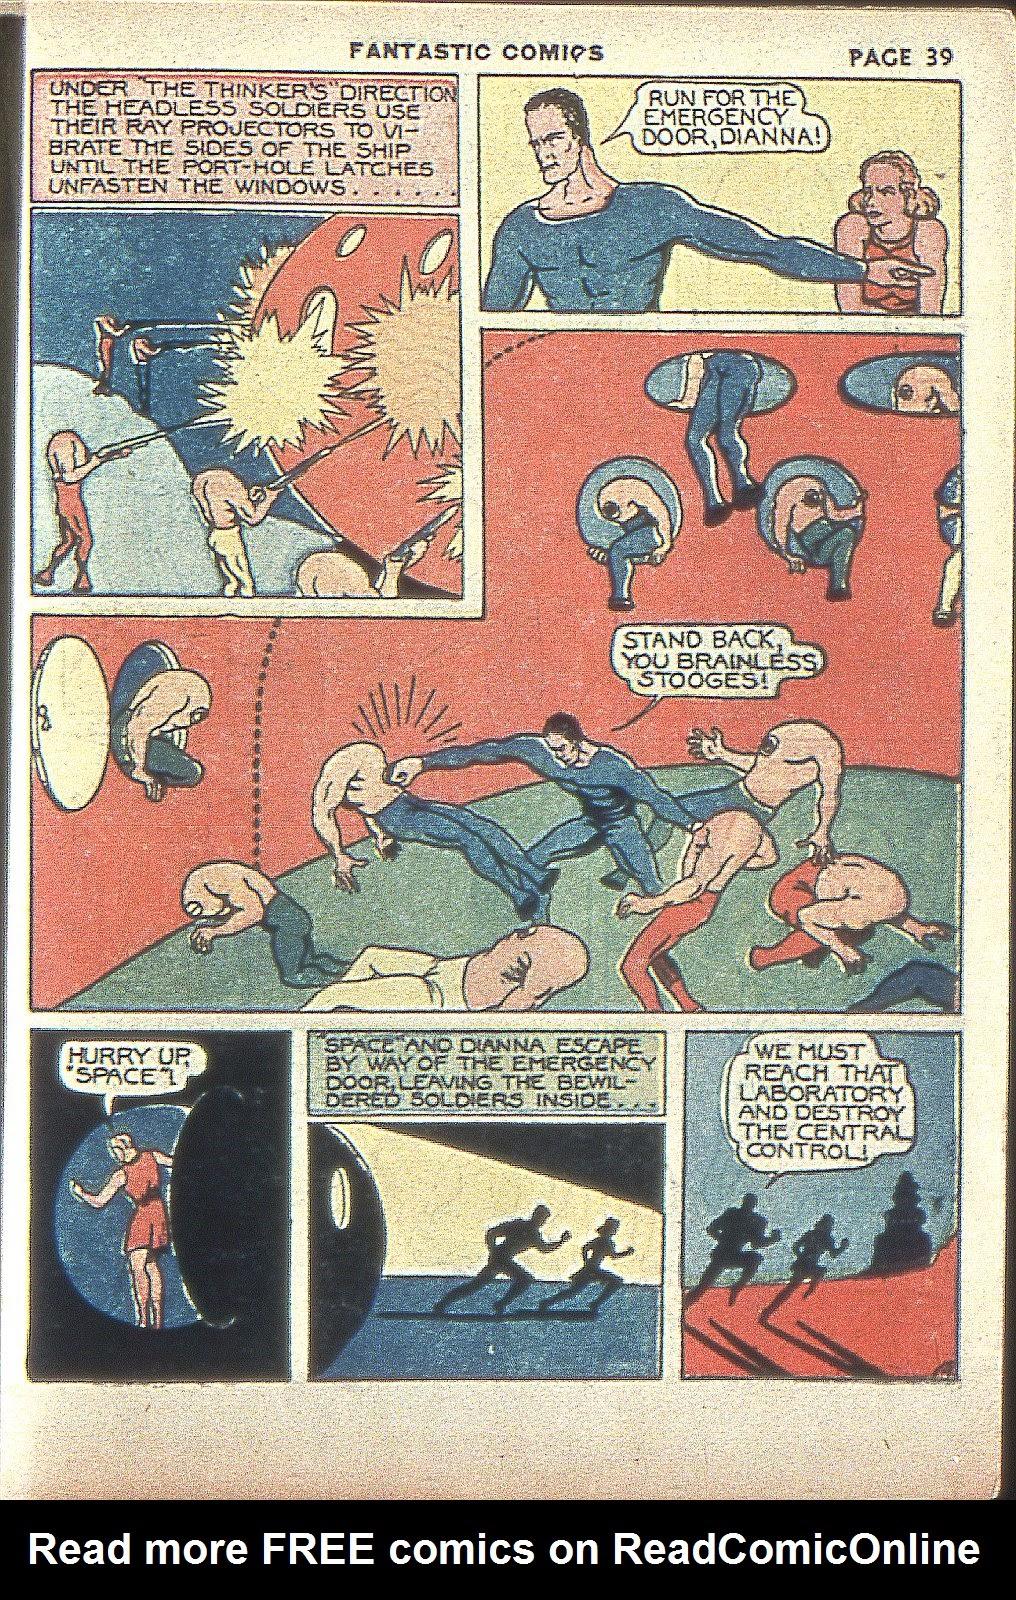 Read online Fantastic Comics comic -  Issue #4 - 40